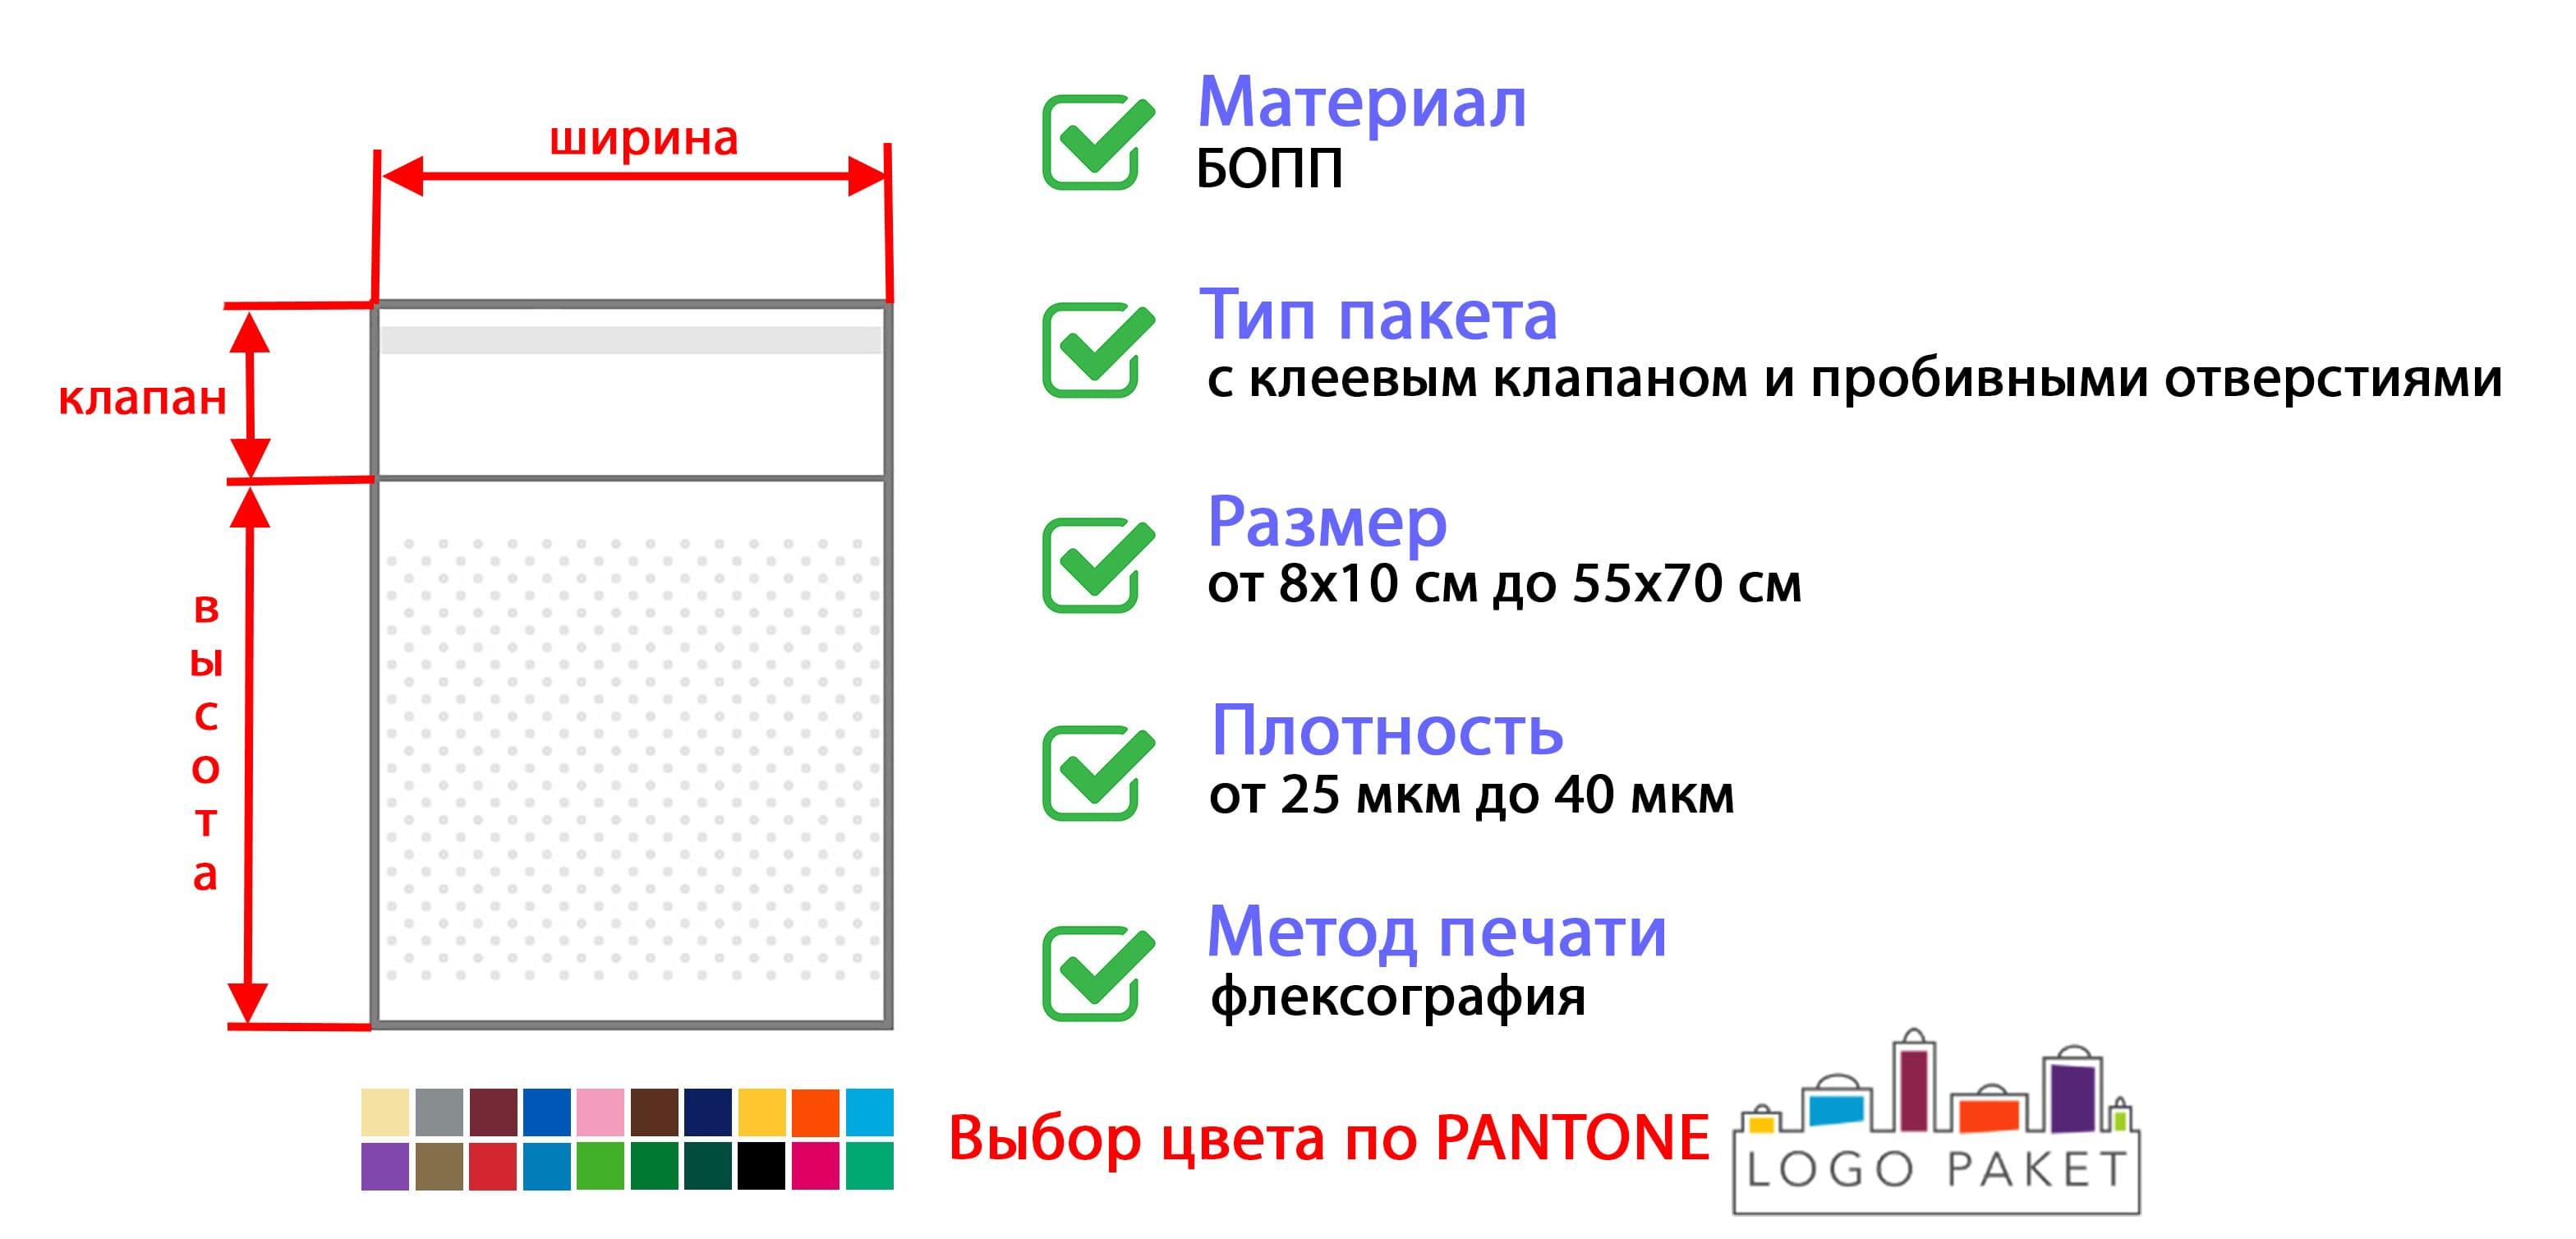 БОПП пакет с клеевым клапаном и пробивными отверстиями инфографика